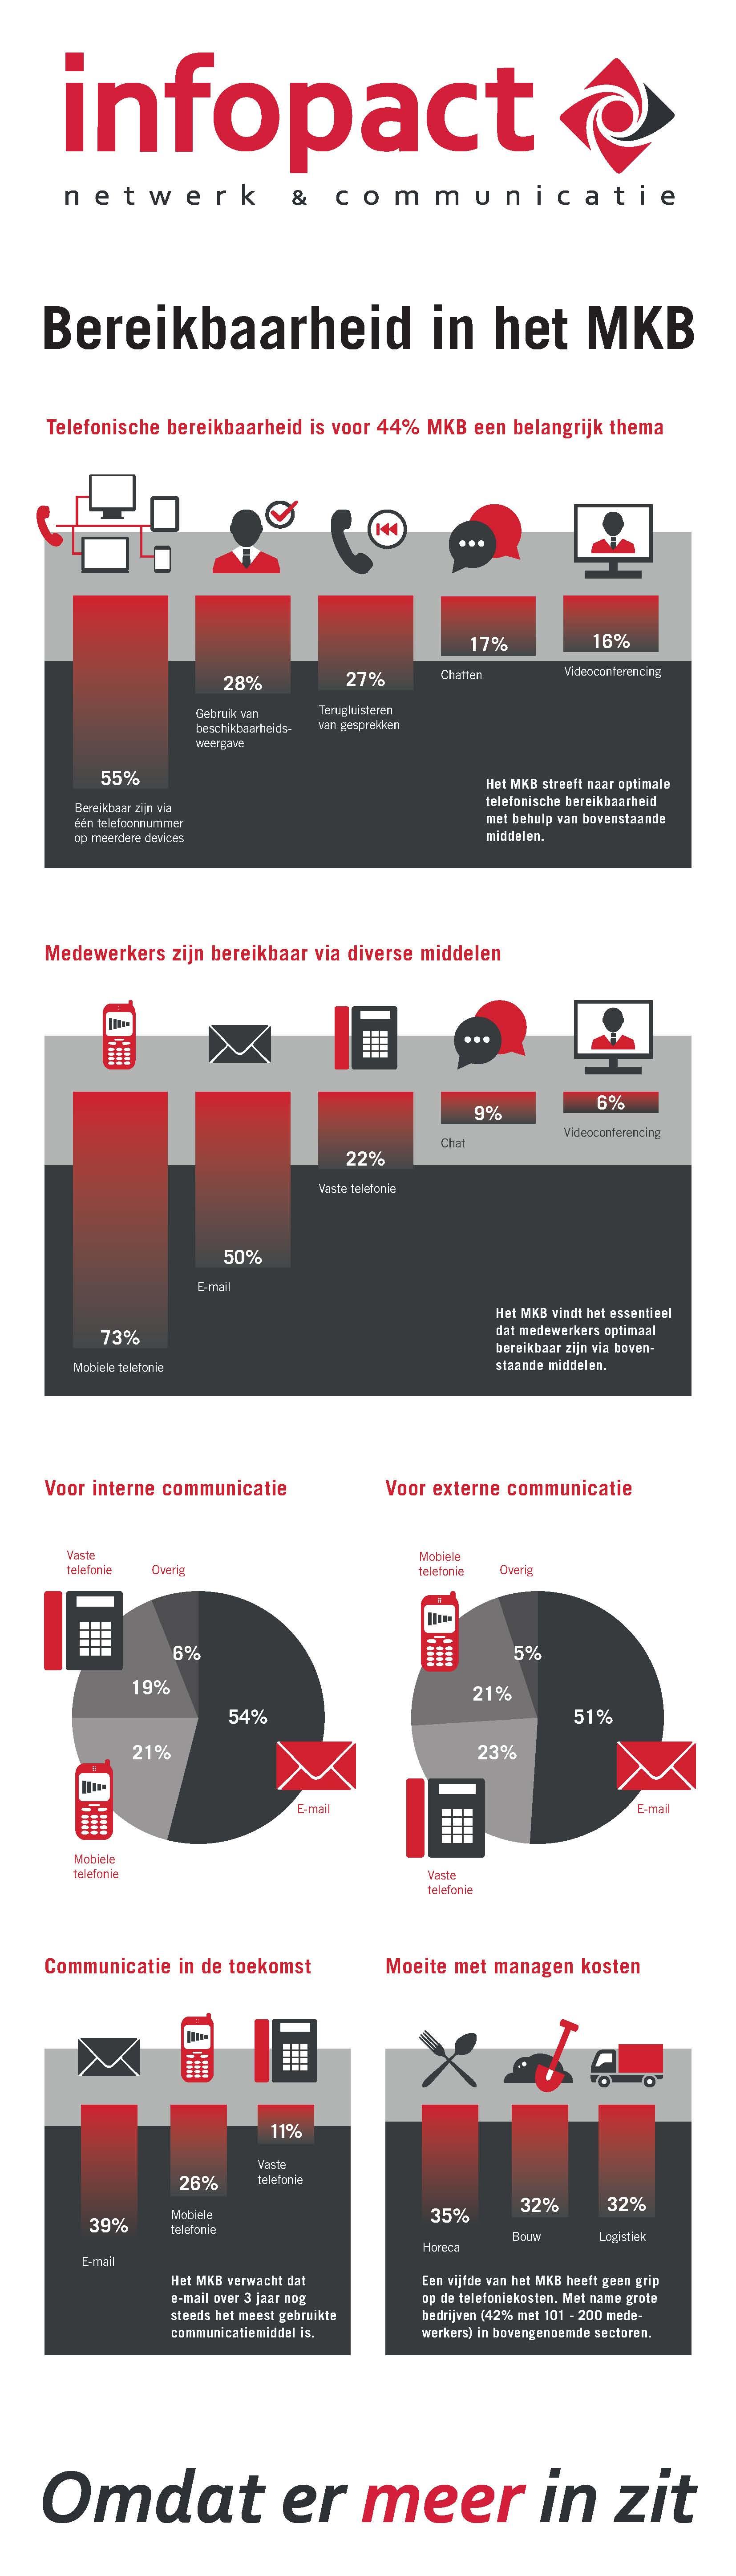 Infographic Infopact onderzoek Bereikbaarheid in het MKB